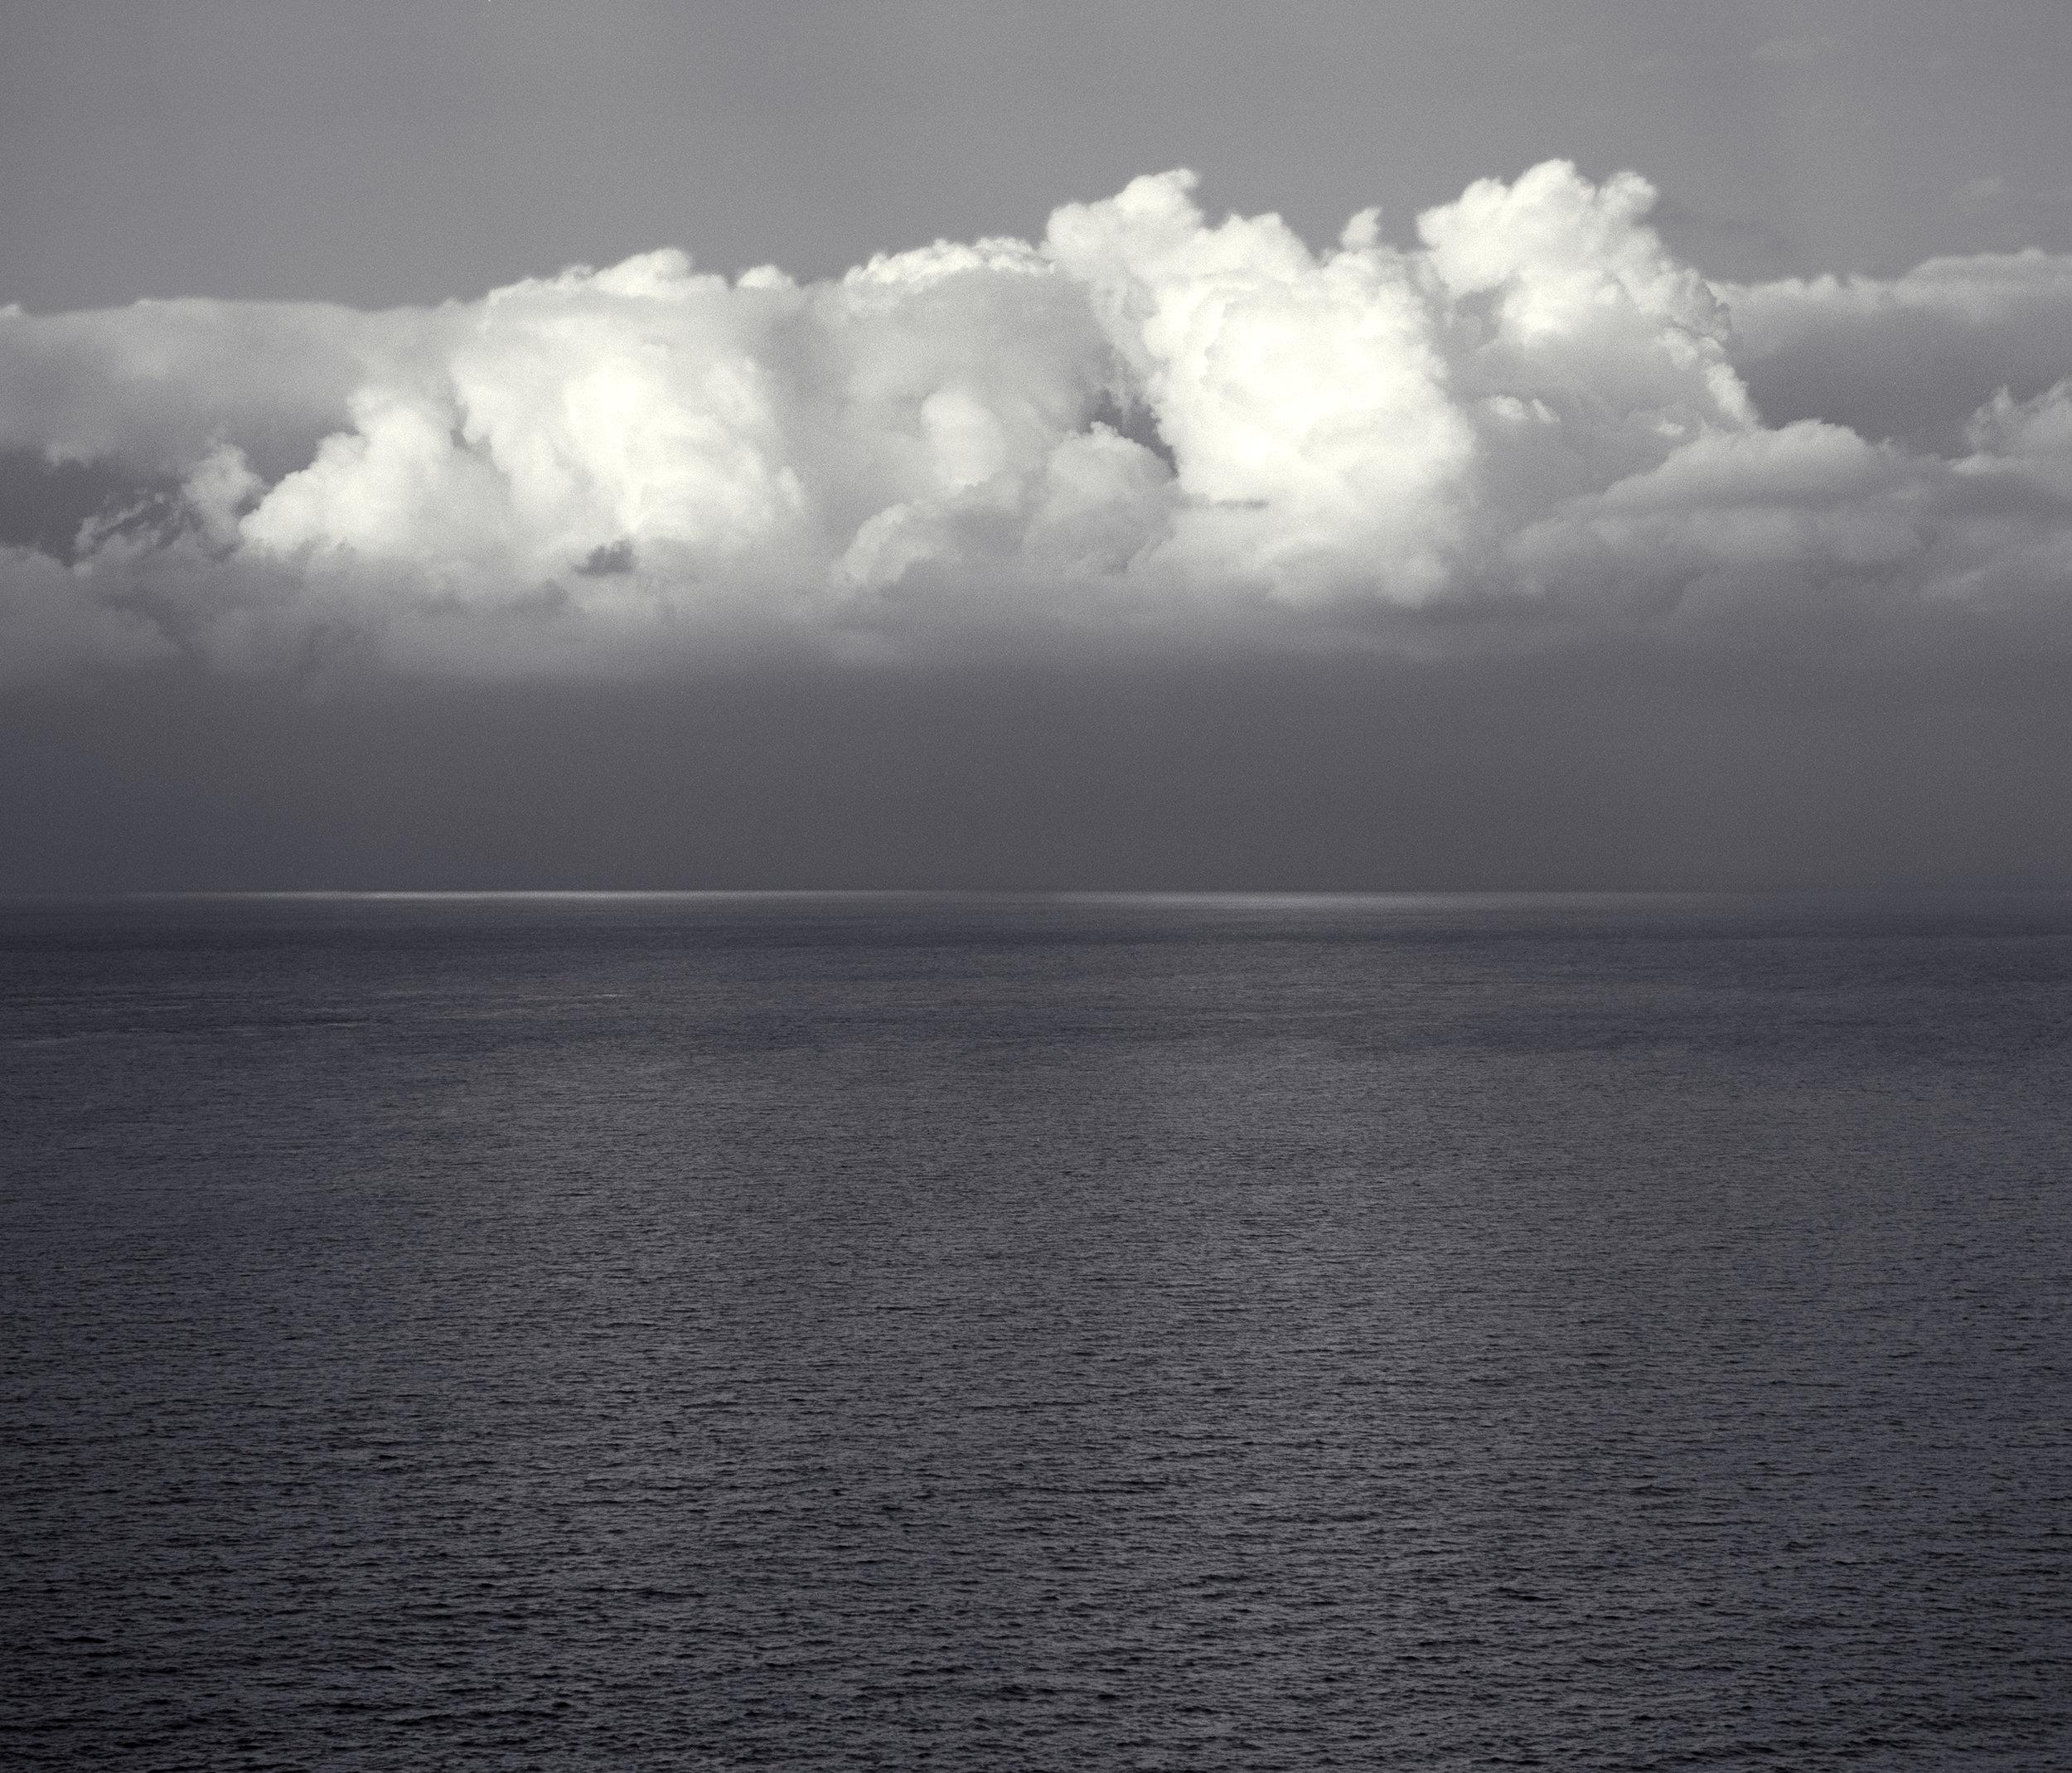 3 The Antlantic Ocean, 1990.jpg